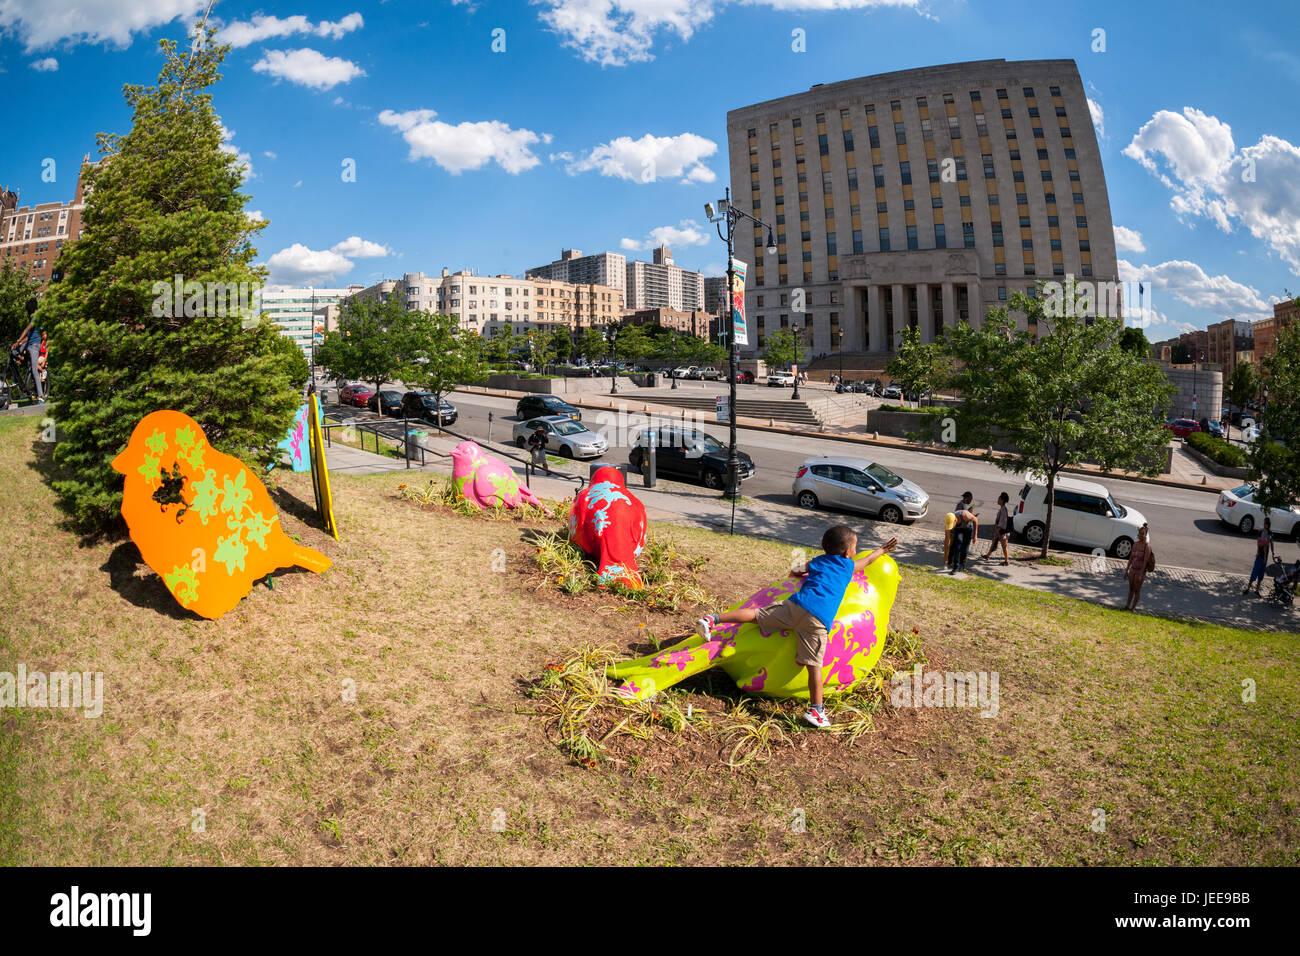 Spielangleichstellung durch Sonnenzeichen Datierung der medizinischen Wohnsitze